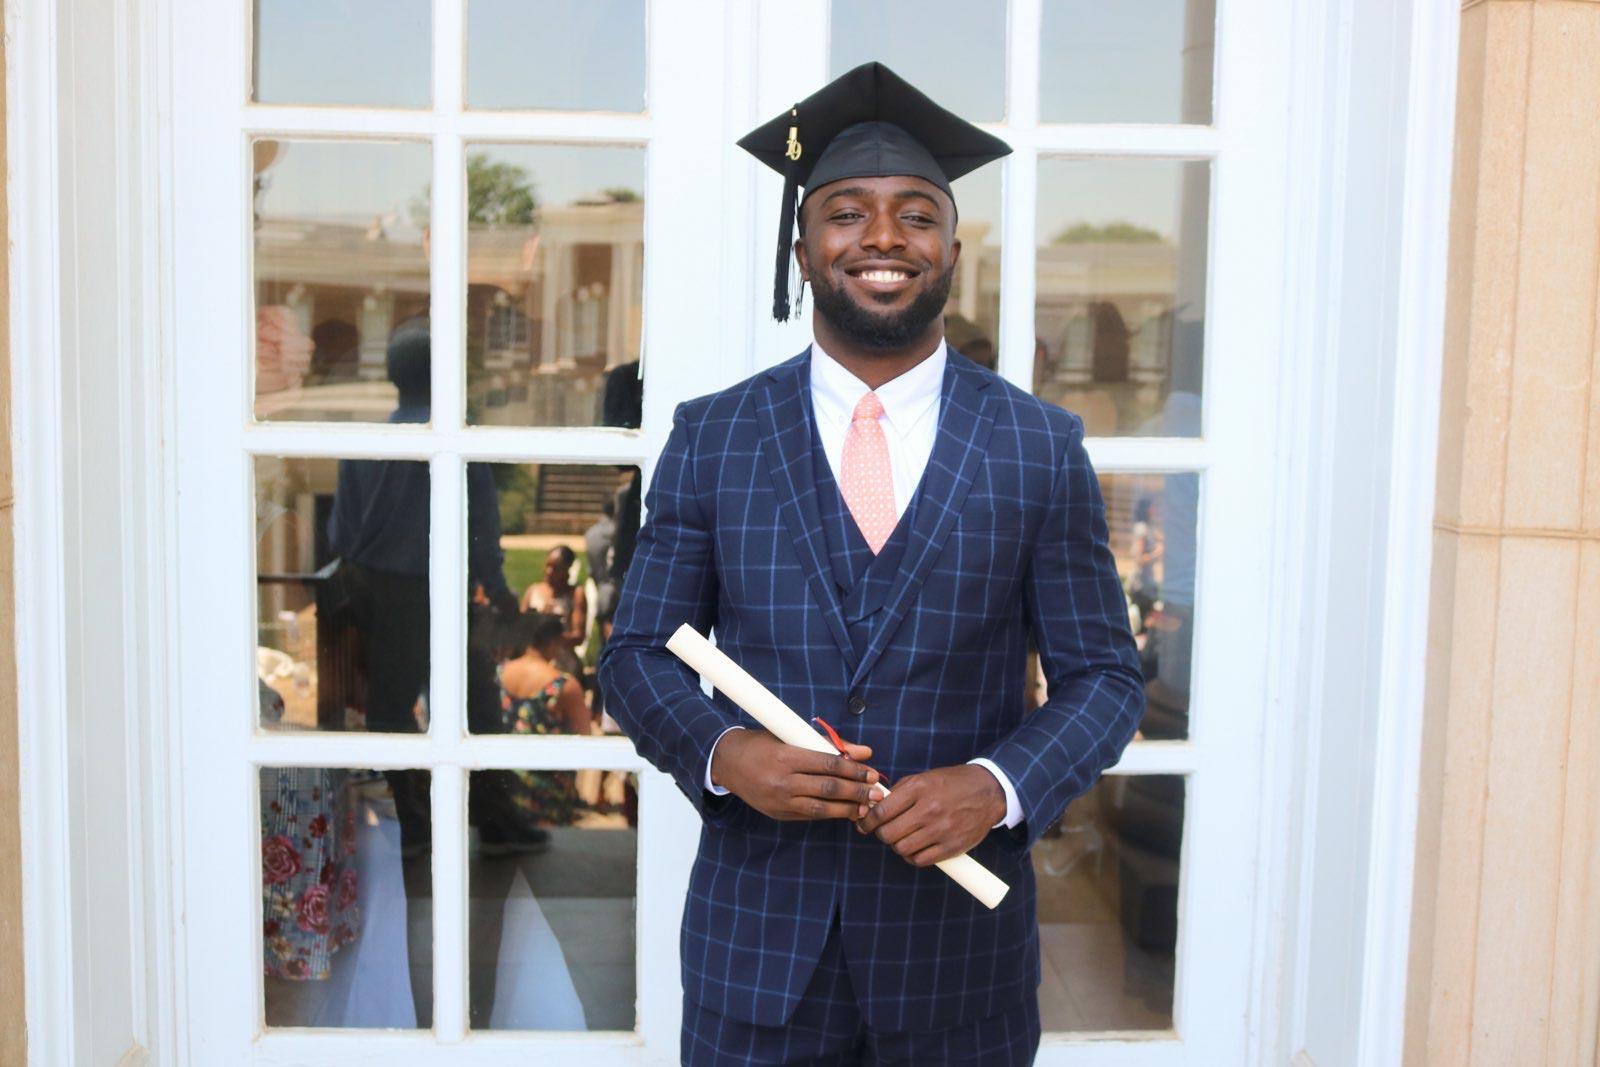 Gladimir Paul will be moving to Philadelphia, his hometown, for the School District of Philadelphia's teacher residency program.